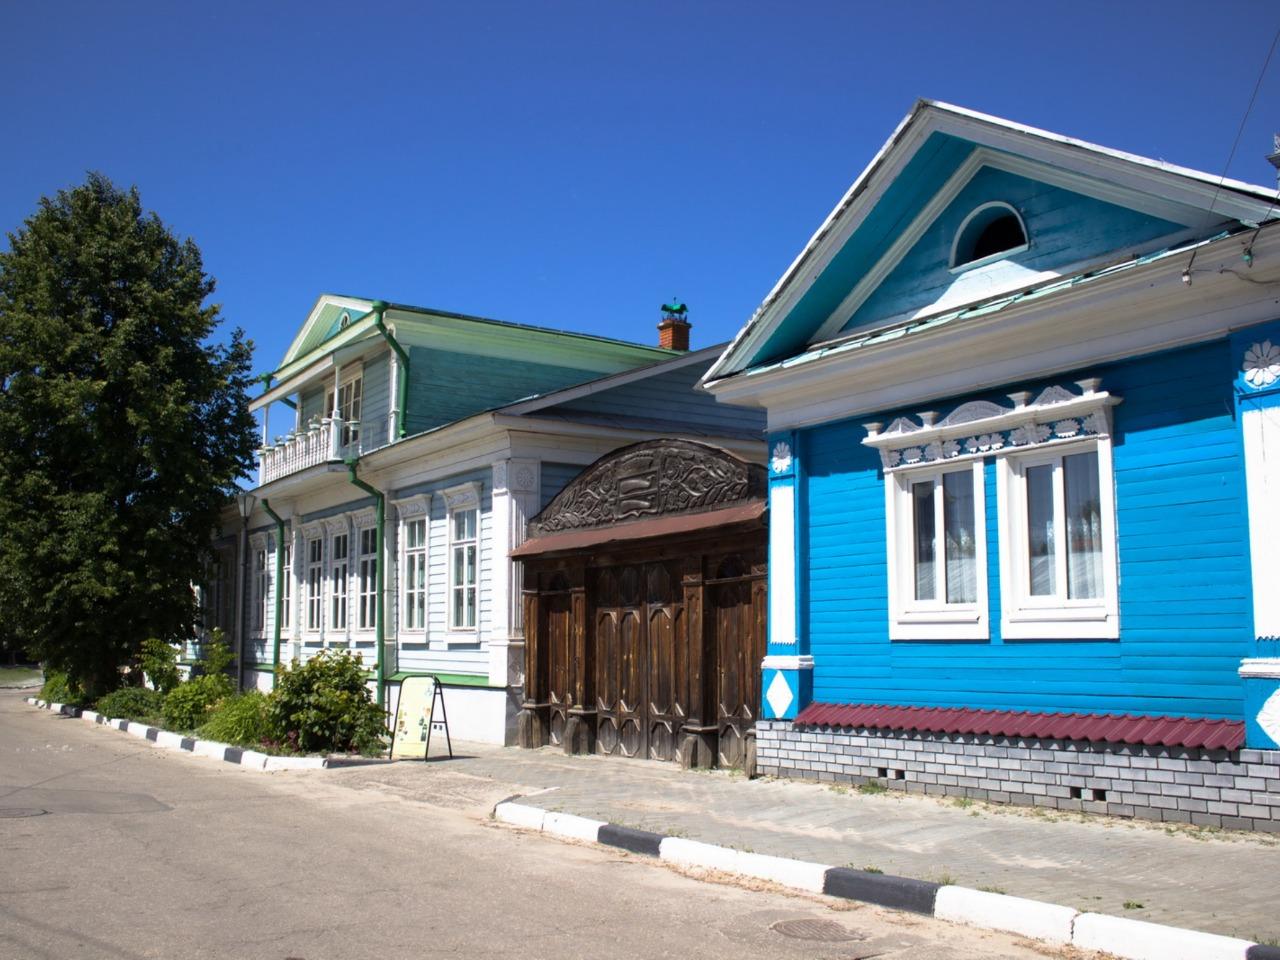 Городец: ворота в заволжье - индивидуальная экскурсия по Нижнему Новгороду от опытного гида